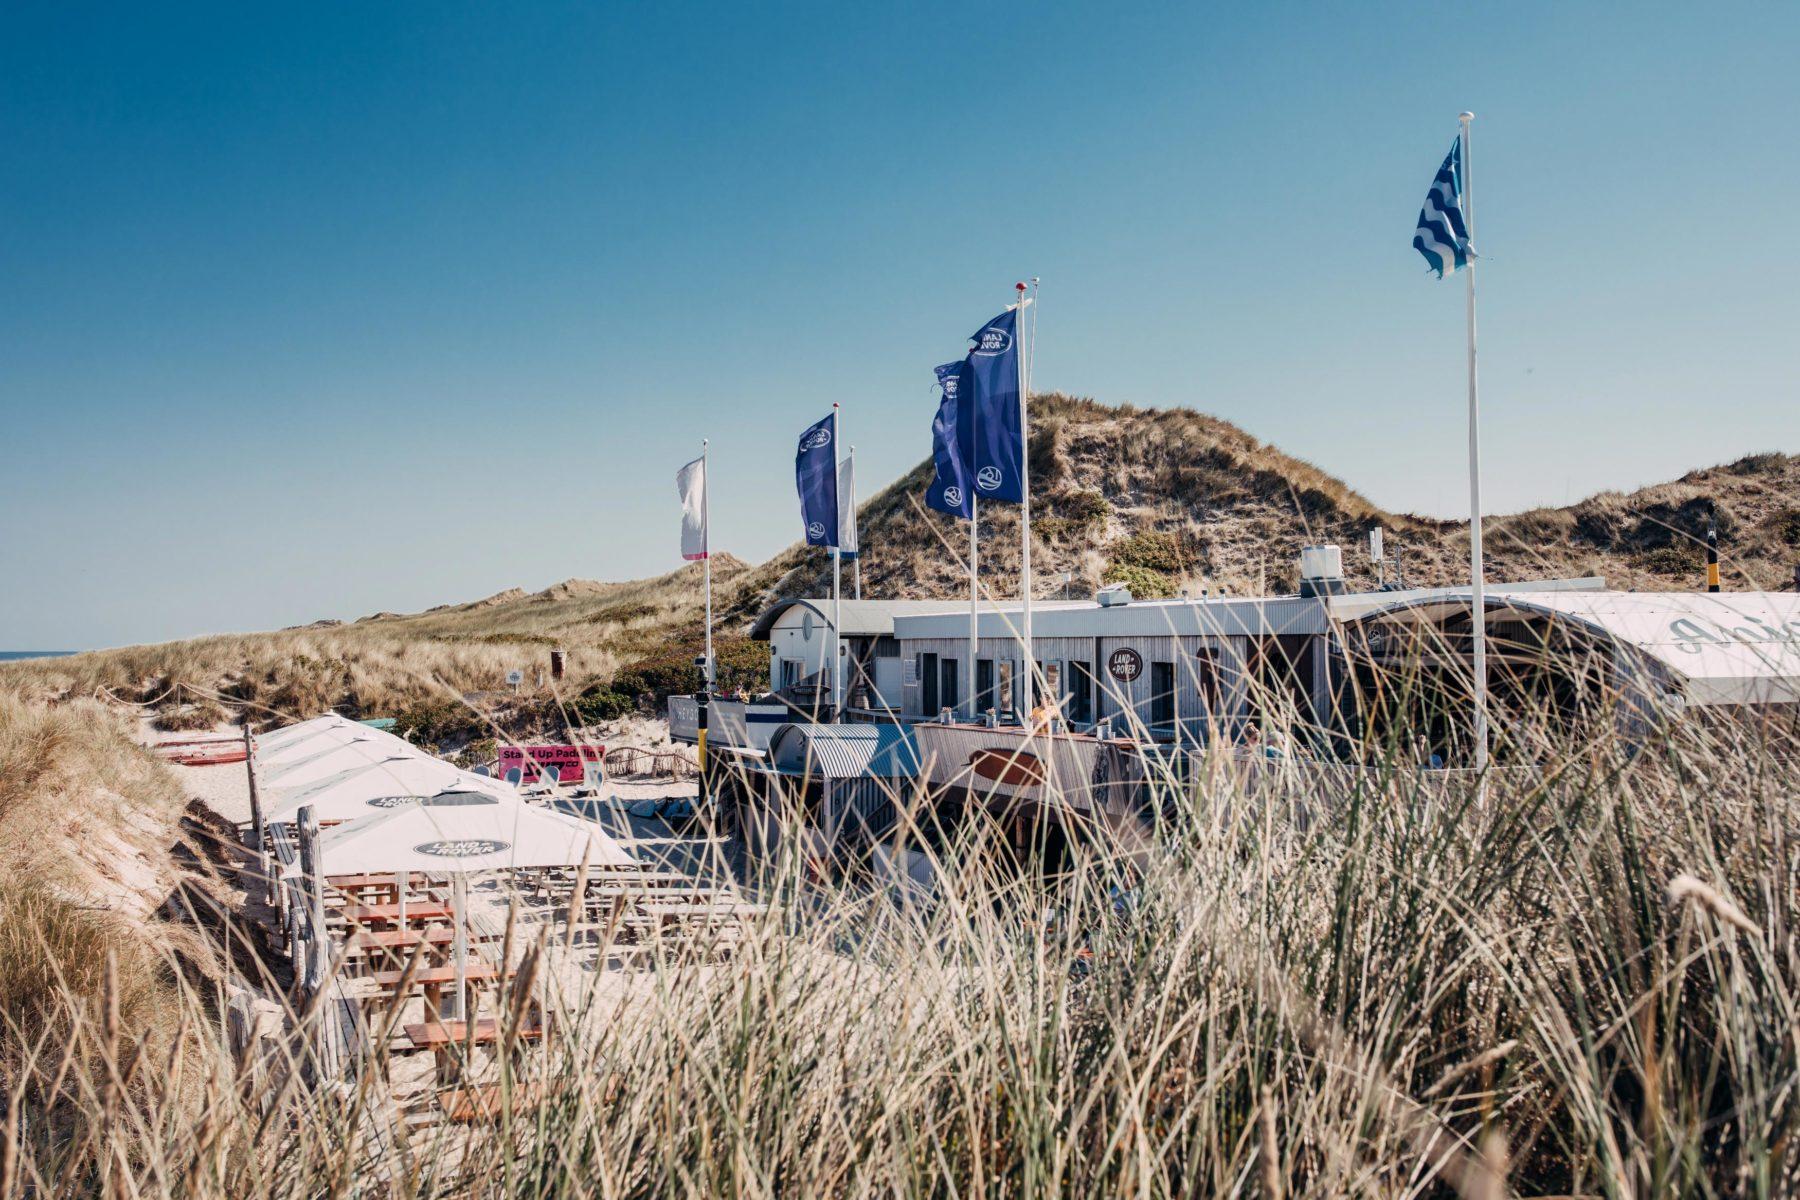 Die Buhne 16, Wiege der Sylter Surf-Geschichte und bis heute entspannter Anlaufpunkt. Foto: Alexander Heil/Sylt Marketing